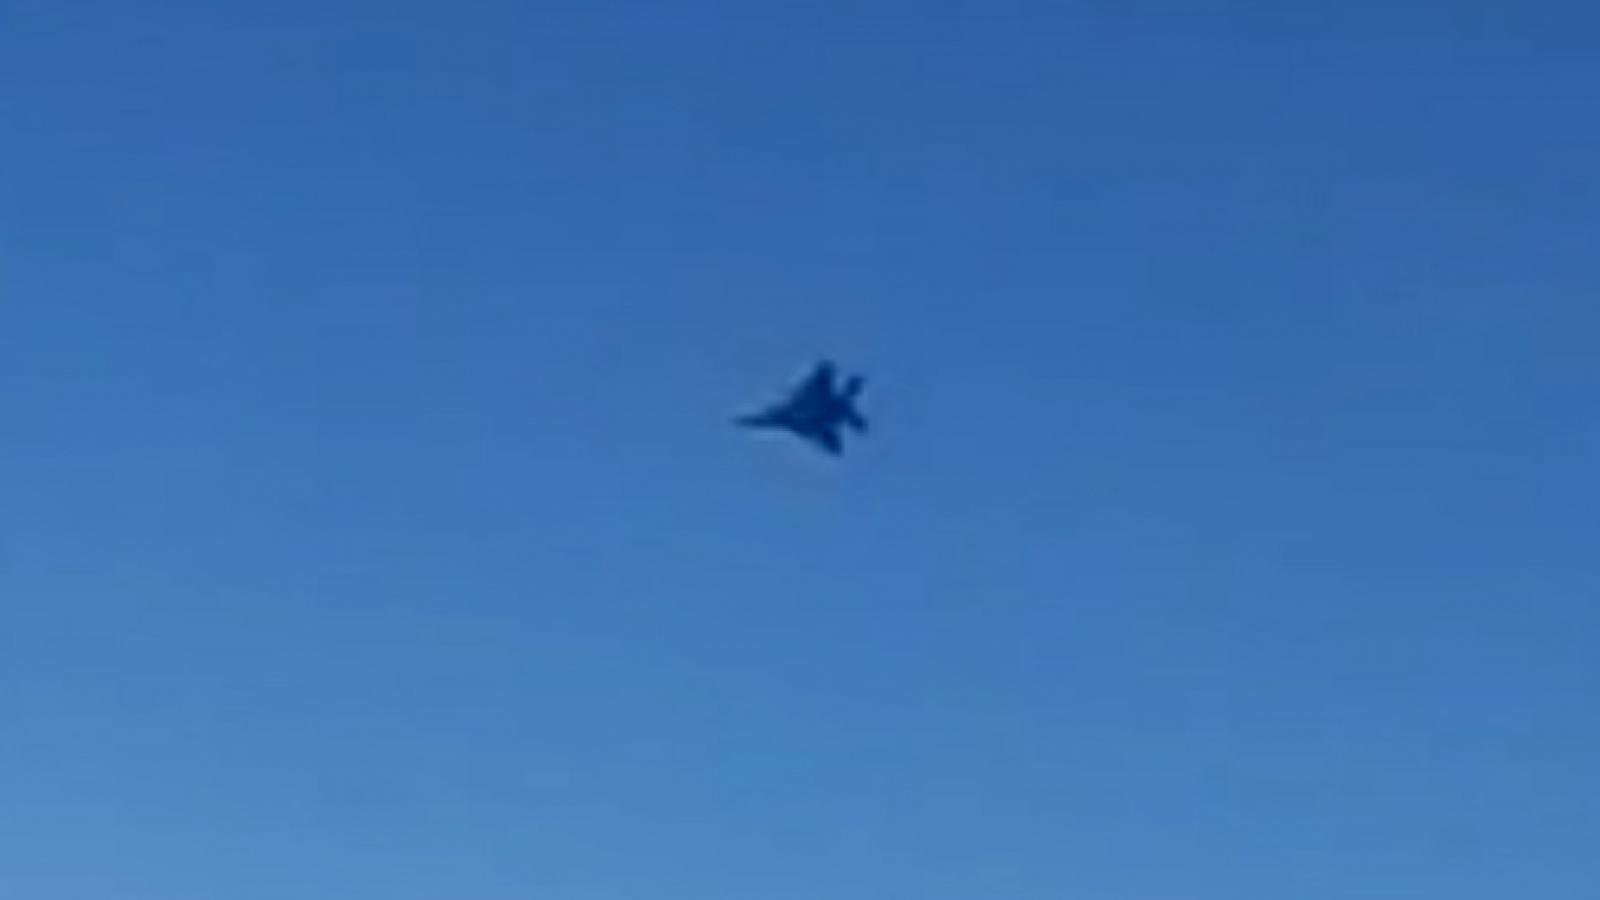 Máy bay Iran hạ độ cao tránh tiêm kích F-15 trên không phận Syria